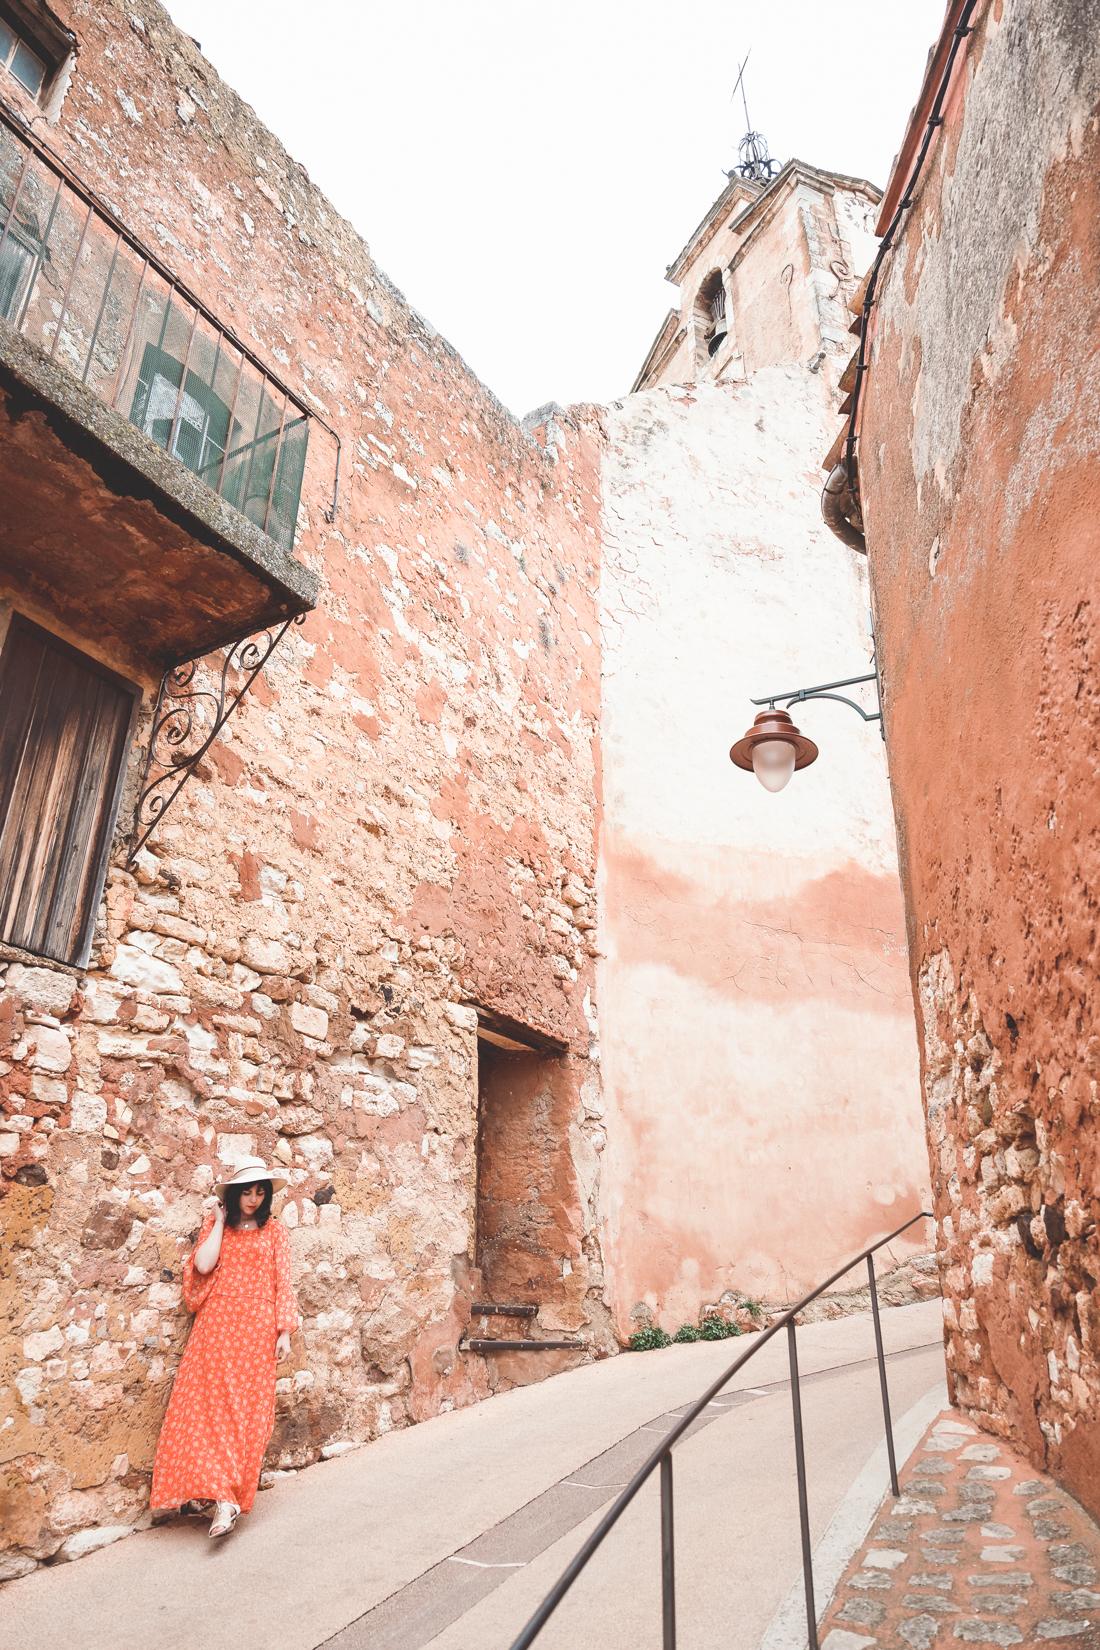 VP_loccitane_en_provence_terre_de_lumiere_photo_loic_legros_copyright_PaulinePRIVEZ_paulinefashionblog_com-1-4